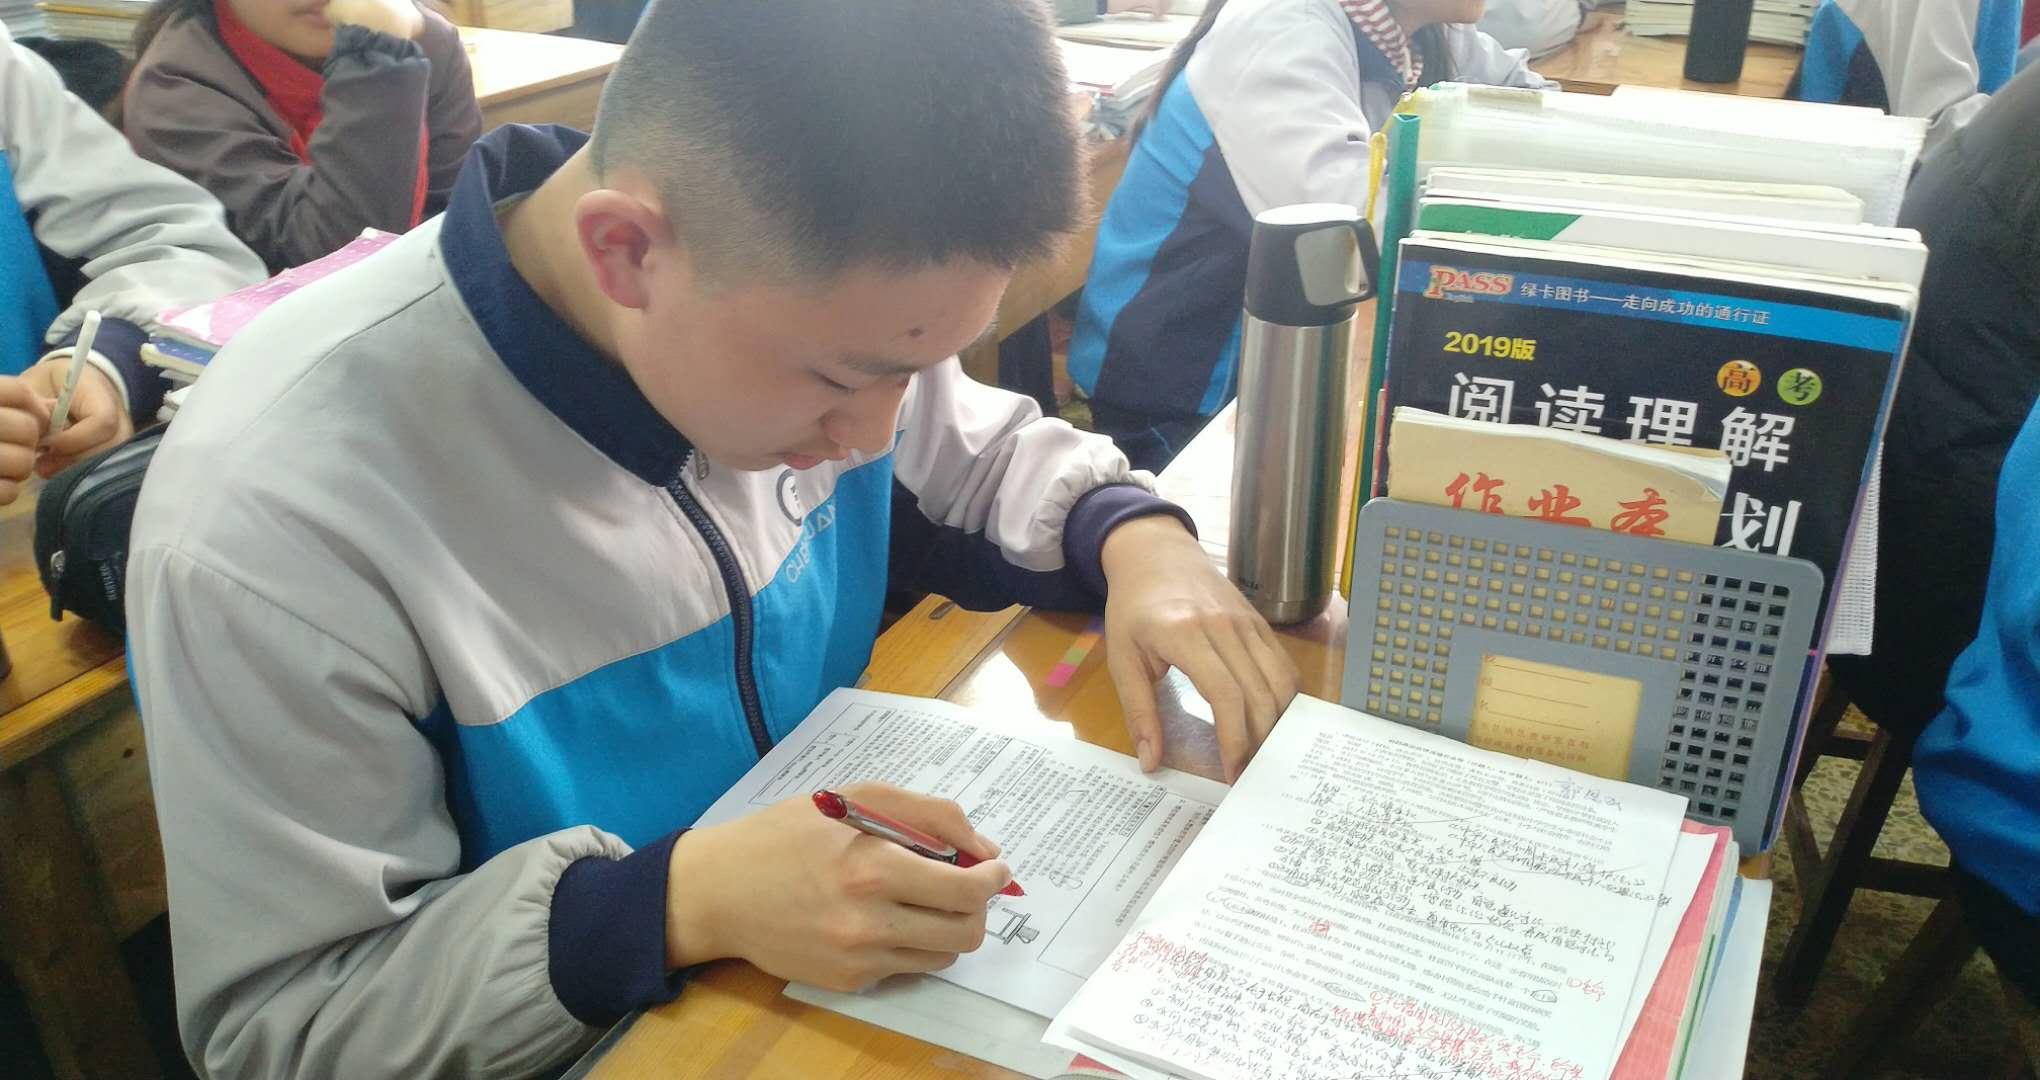 闯入西安交大少年班的济宁初中生,学习有独家门道